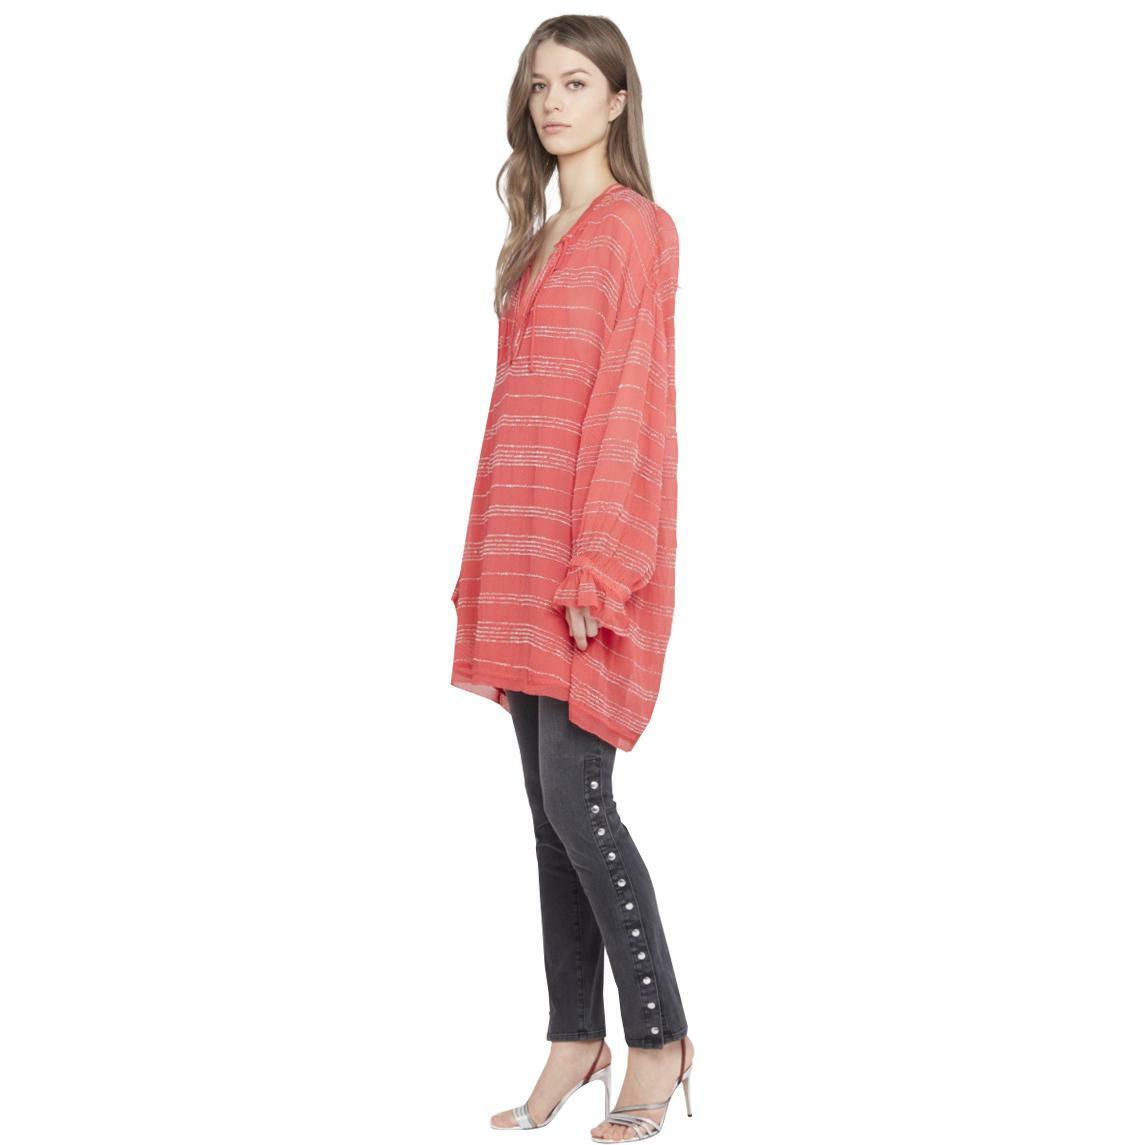 Iro 38 US6 M Coral Pink Metallic bluey Oversize Stretch Viscose Dress